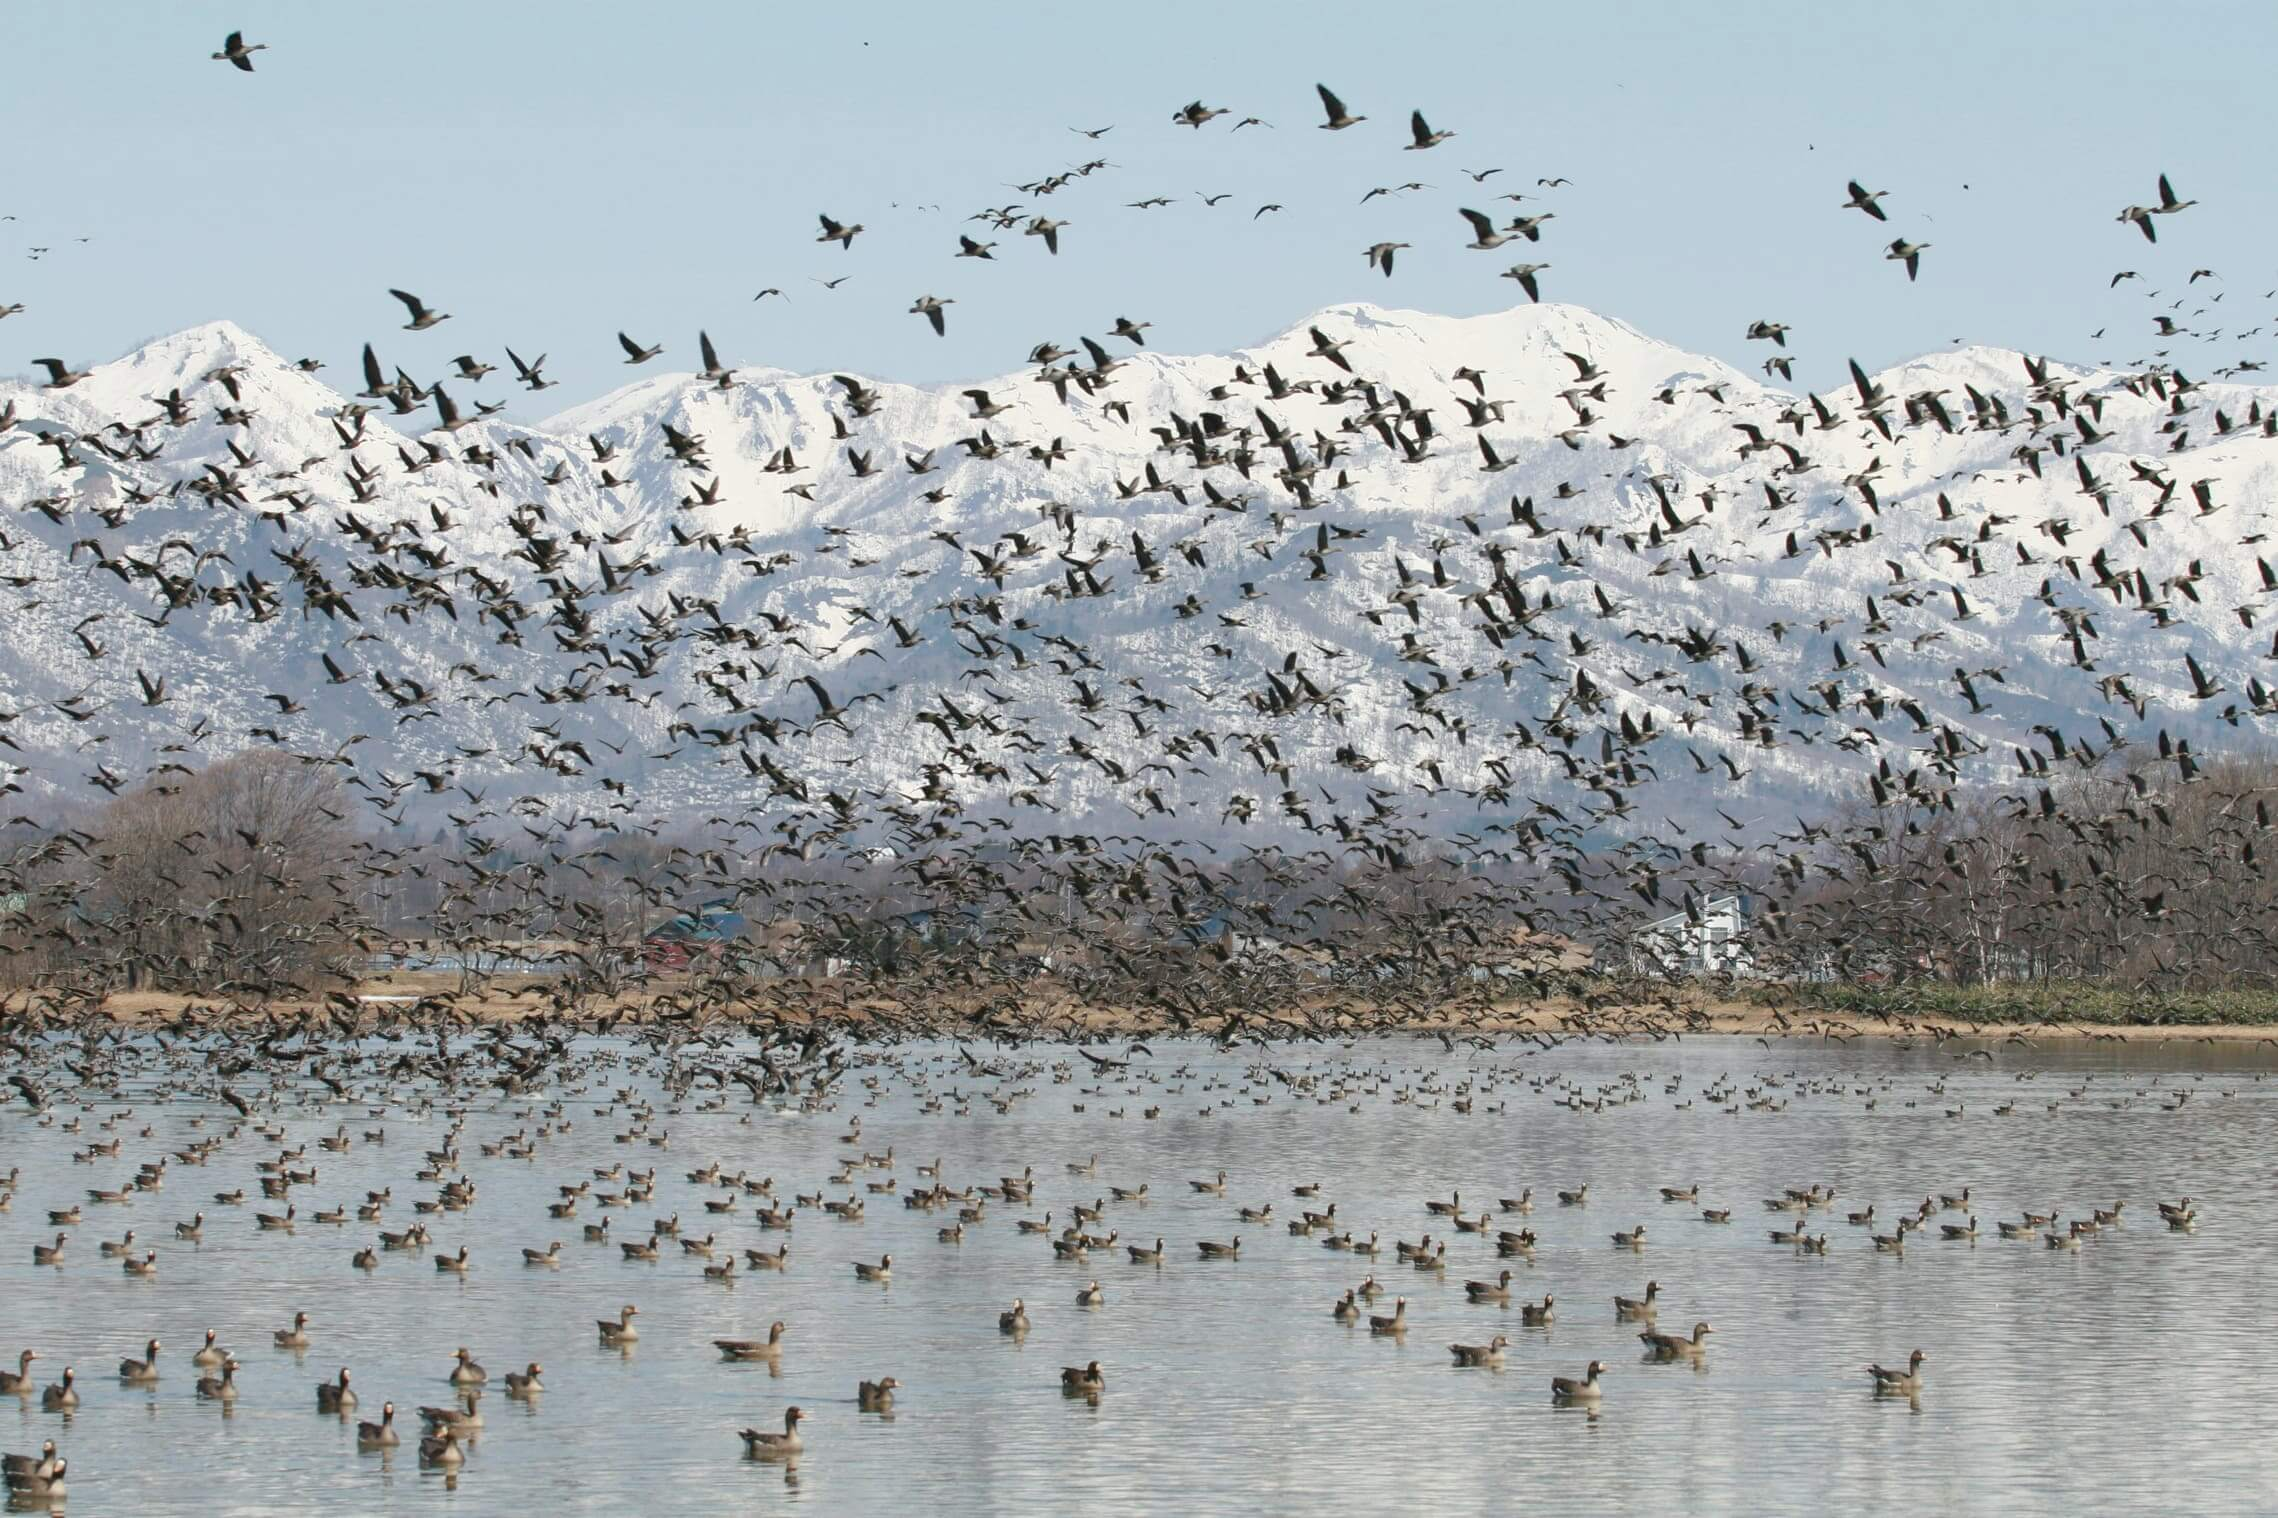 日本國內最北部最大的水鳥寄居地:宮島沼